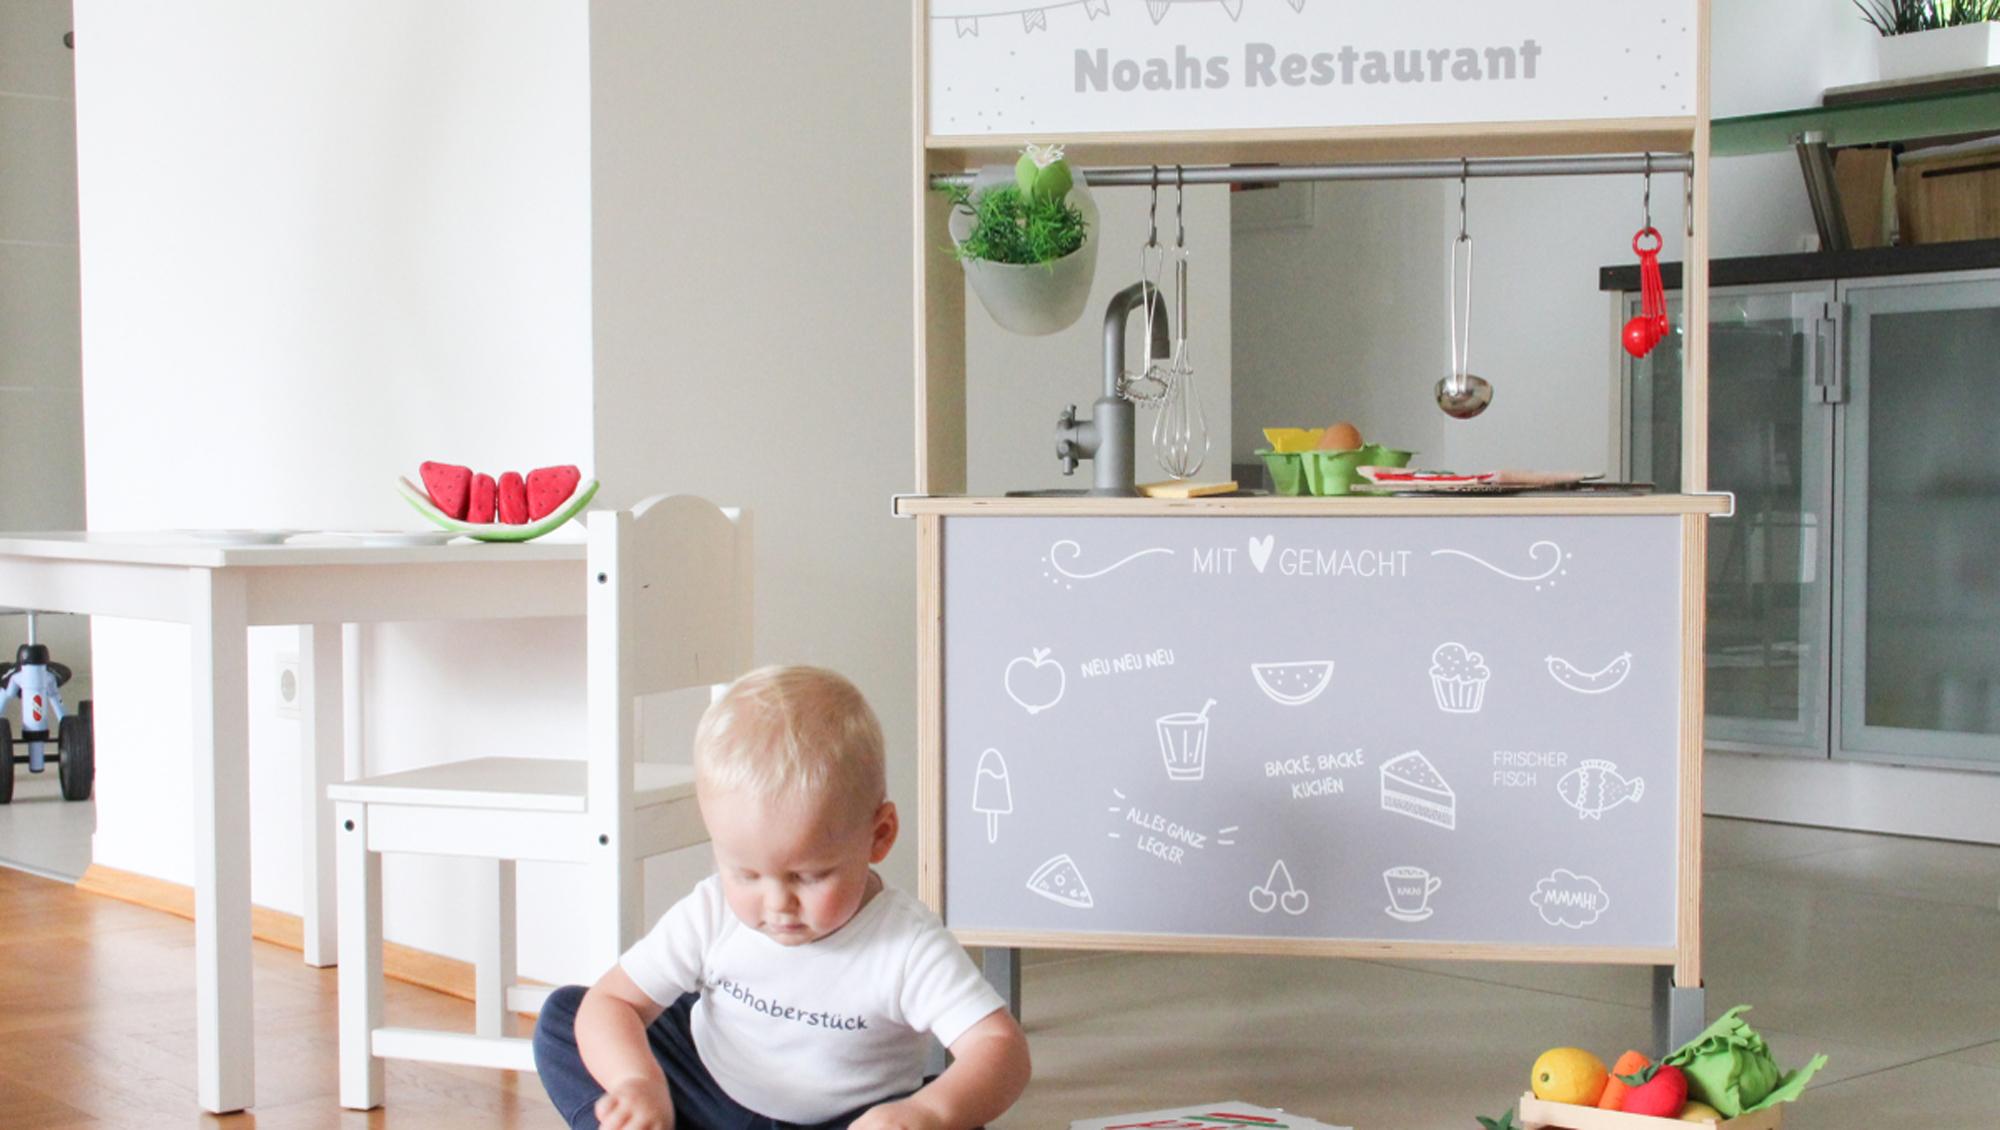 Full Size of Ikea Regale Küche Coolsten Hacks Frs Kinderzimmer Wandtattoo Holzbrett Schmales Regal Einbauküche Mit E Geräten Outdoor Kaufen Wandbelag Mülltonne Wohnzimmer Ikea Regale Küche